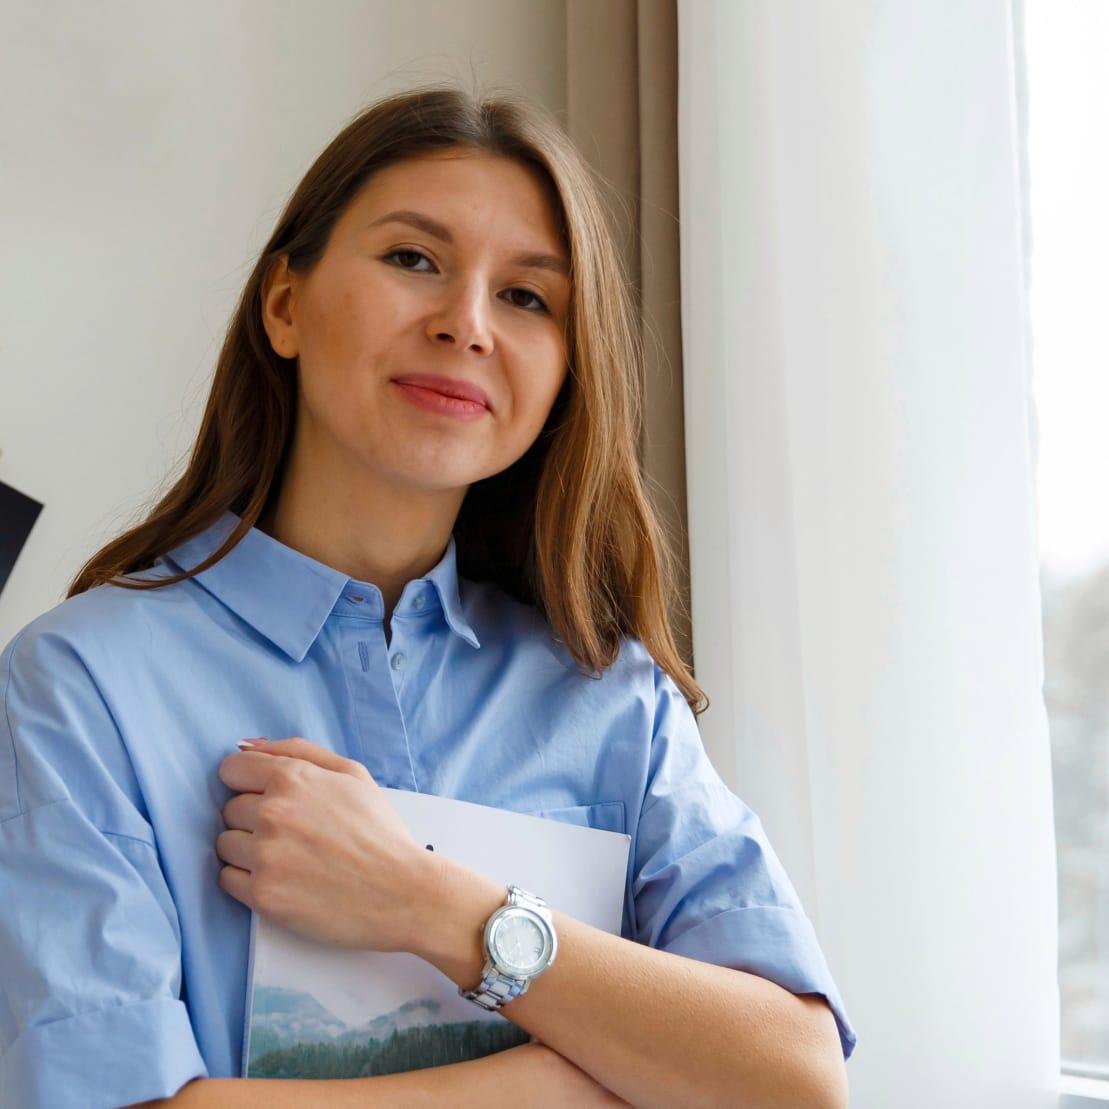 Татьяна Ошуркова после оформления статуса самозанятого планирует взять ипотеку — теперь ее доход официальный